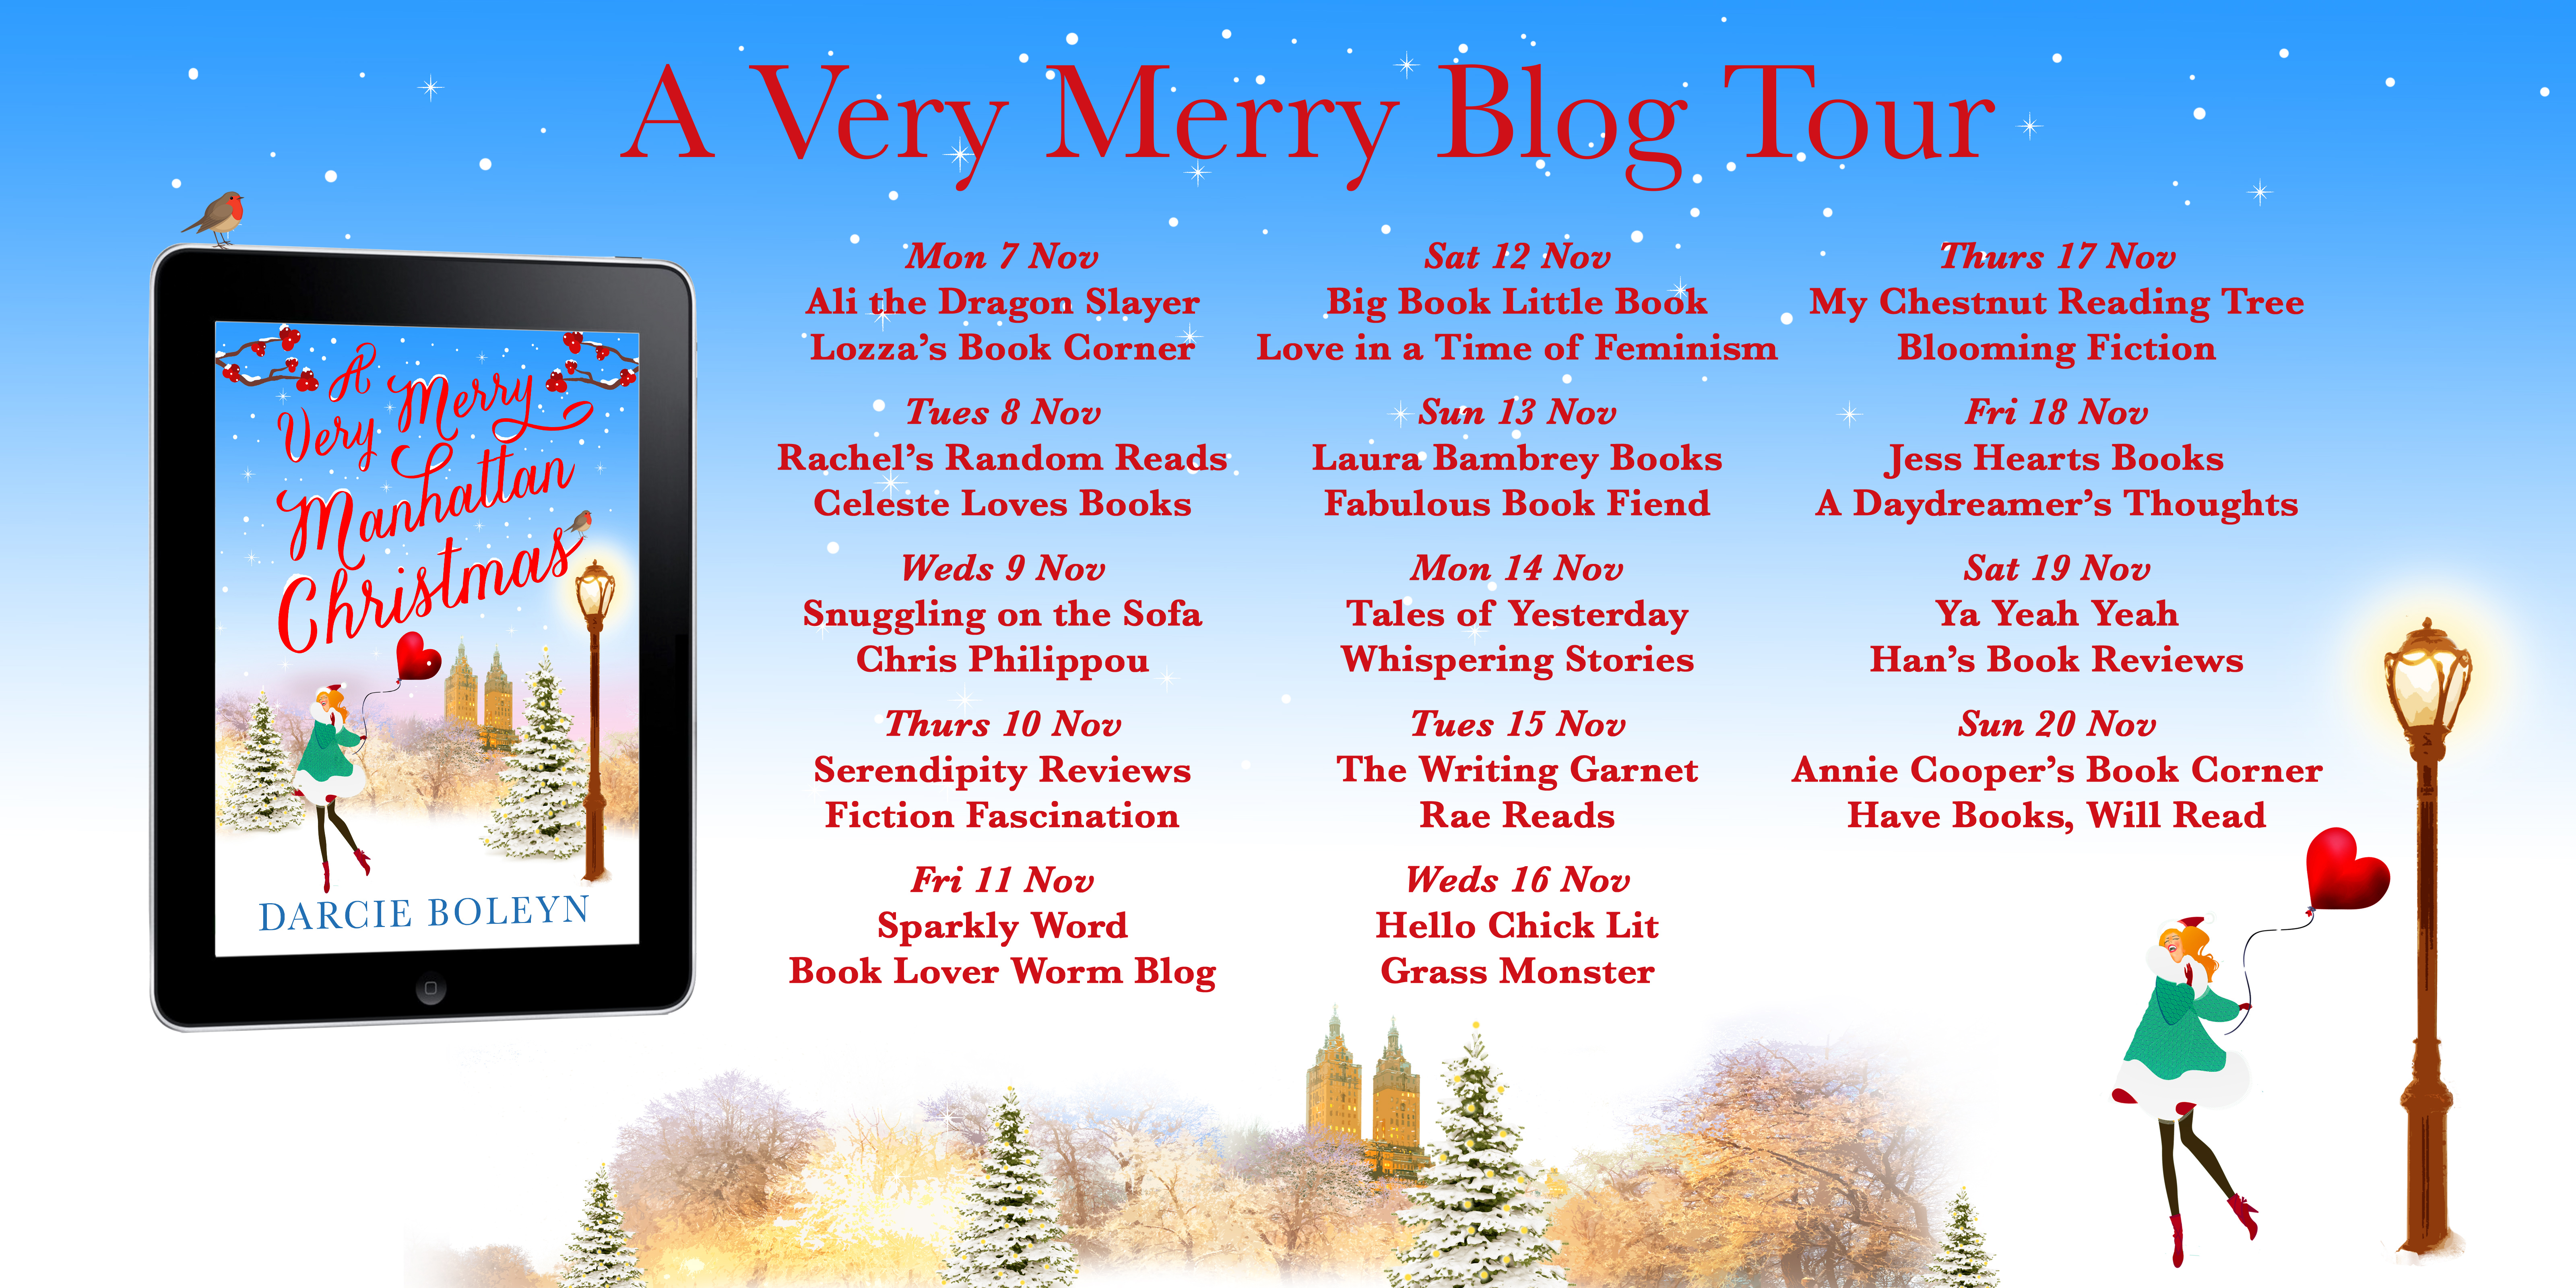 avmmc-blog-tour-banner-2